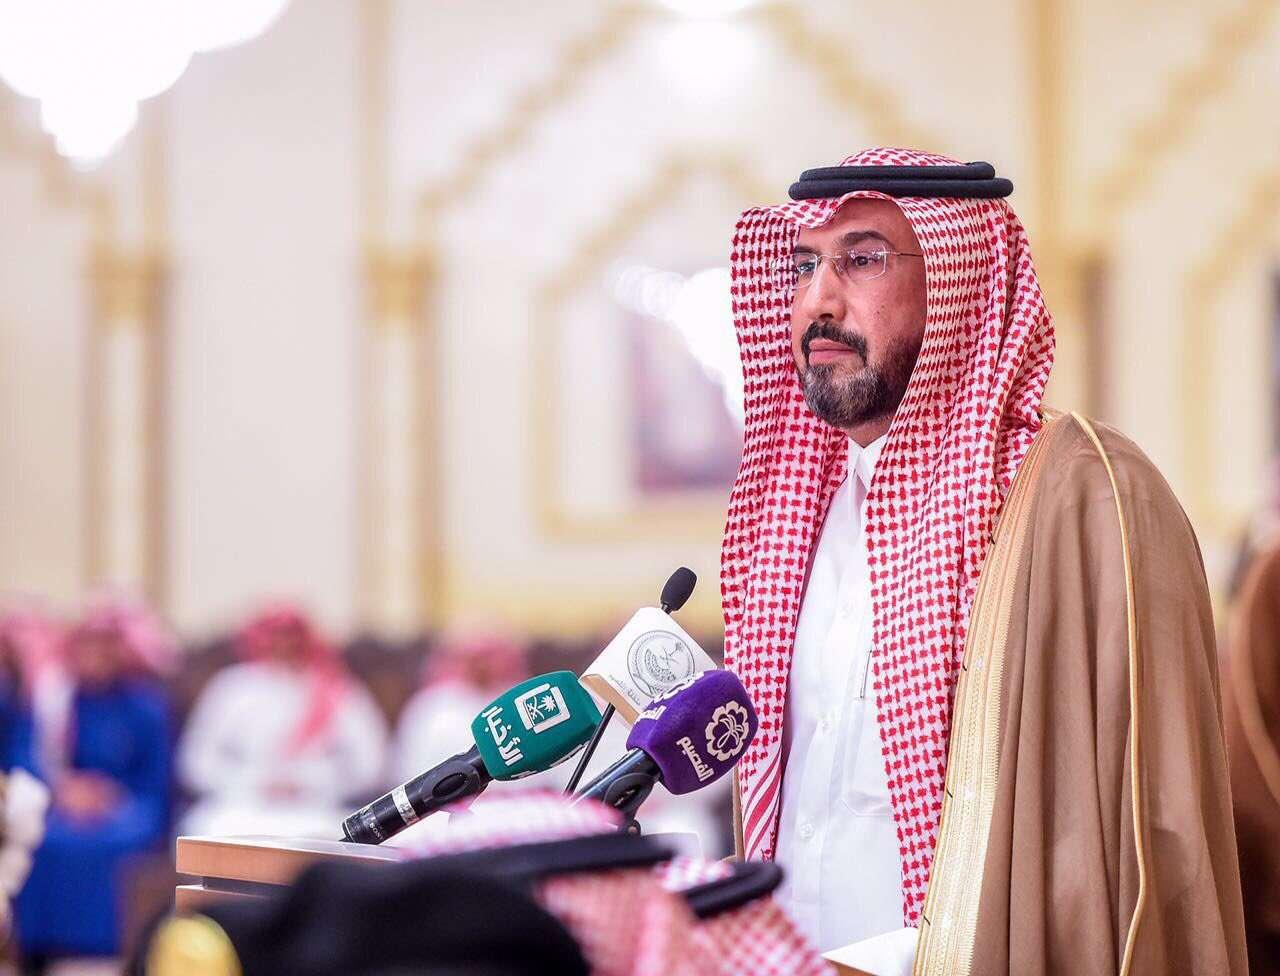 السعودية.. حكم تعسفي بسجن أكاديمي على خلفية التعبير عن الرأي